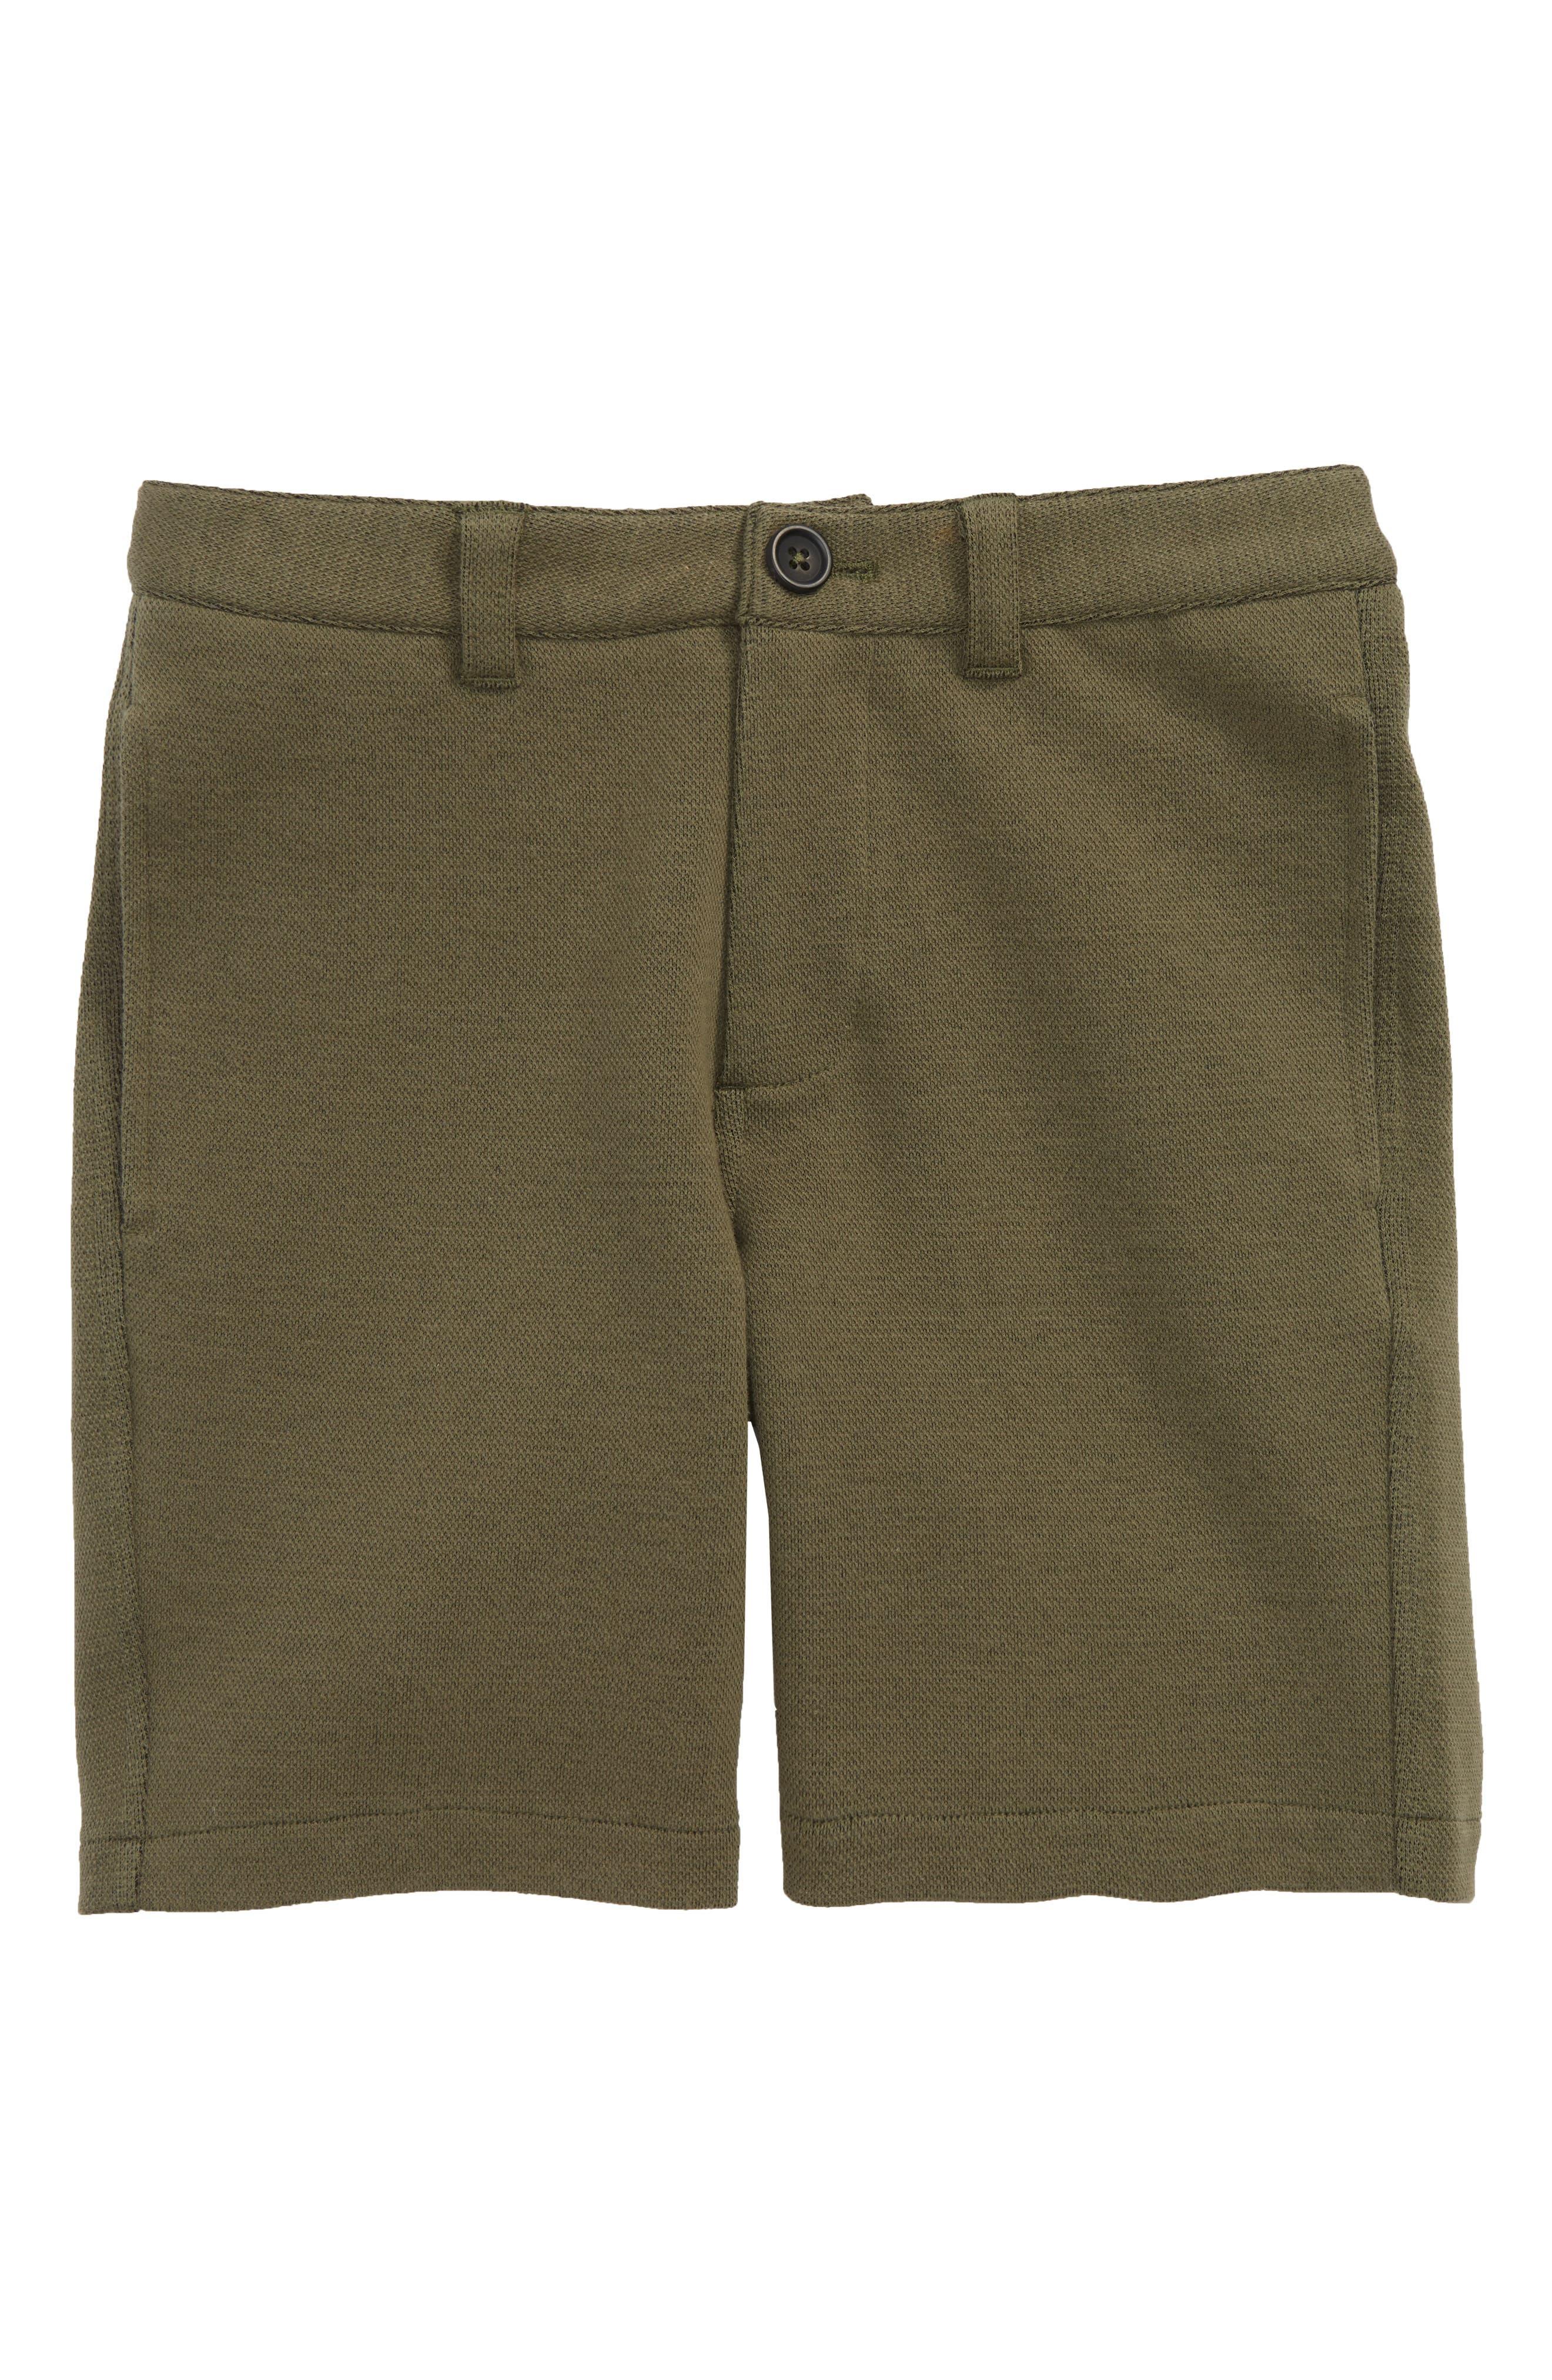 Jersey Chino Shorts,                             Main thumbnail 1, color,                             304